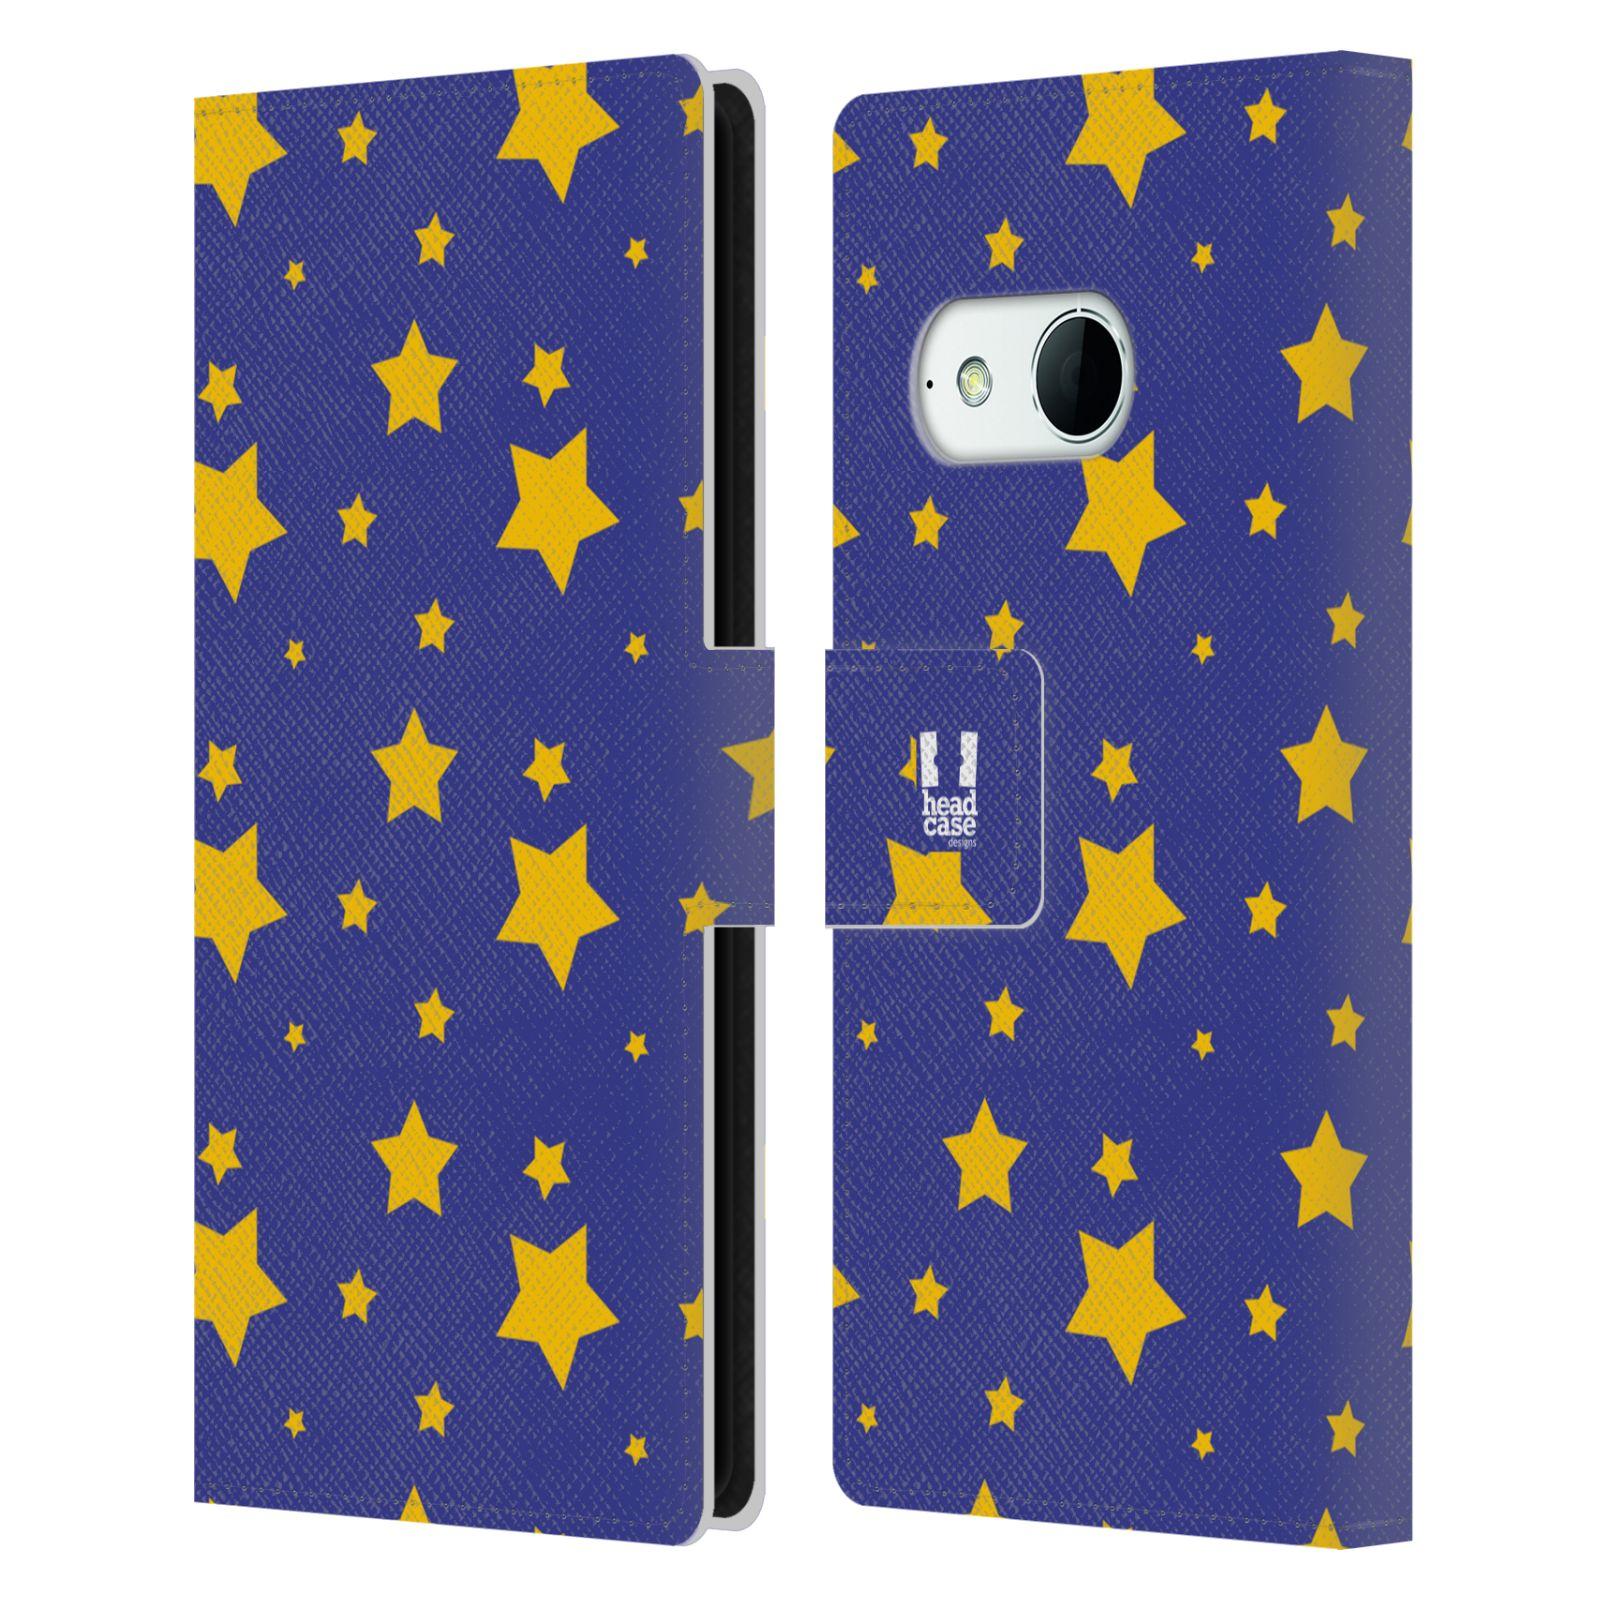 HEAD CASE Flipové pouzdro pro mobil HTC ONE MINI 2 (M8) vzor hvězdičky modrá a žlutá